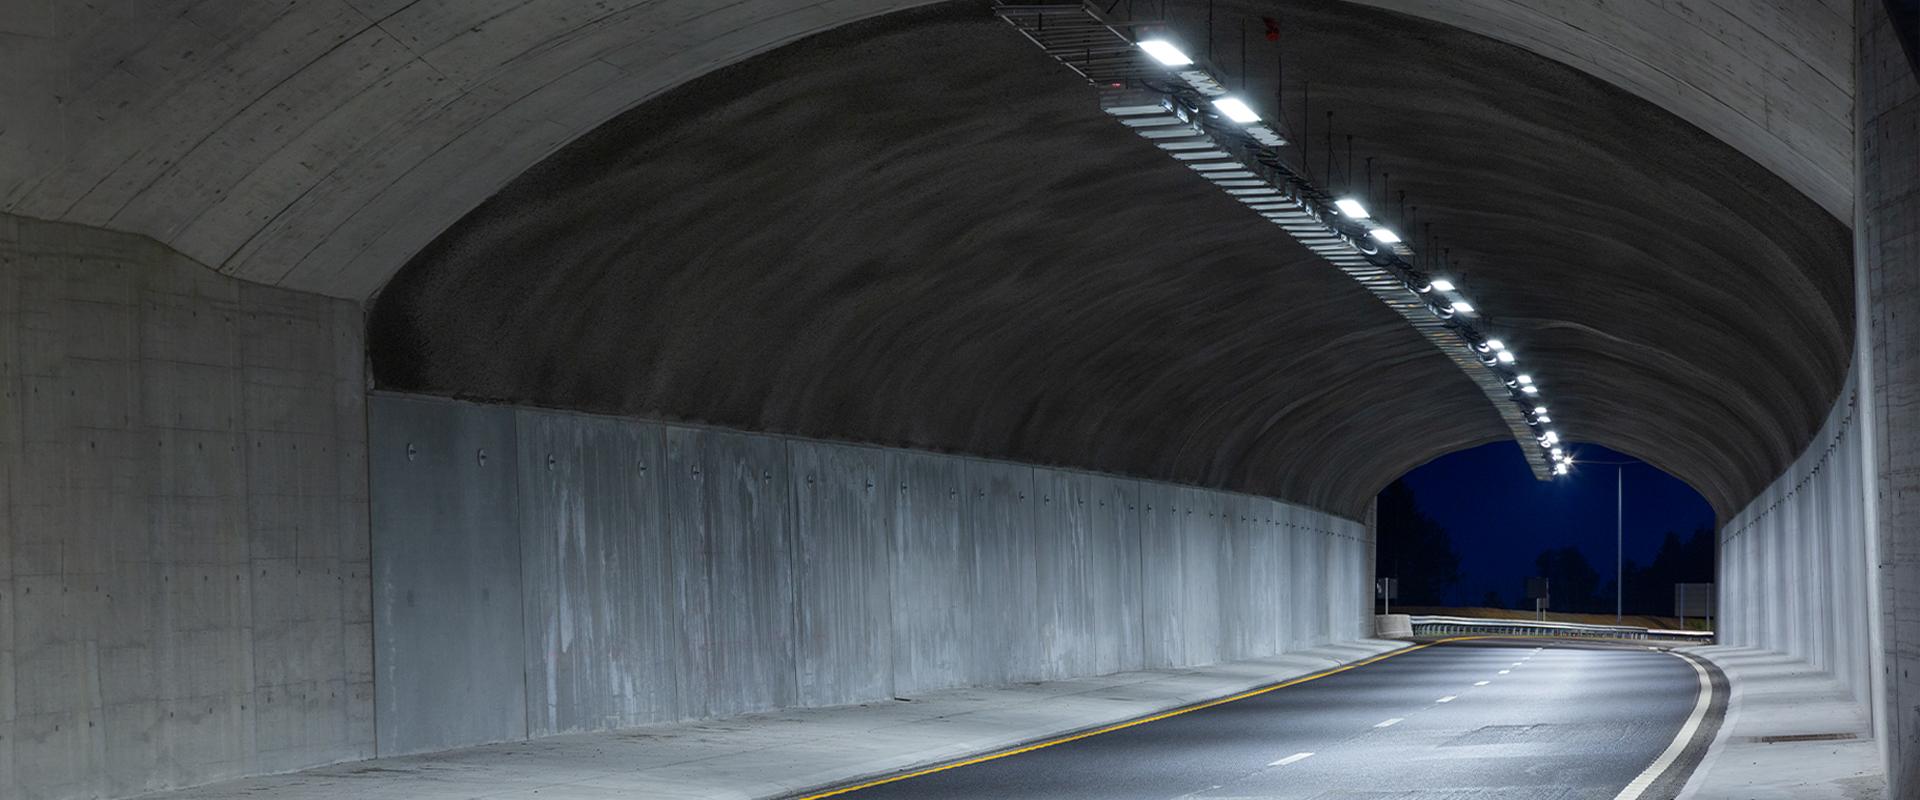 Fari a LED per tunnel